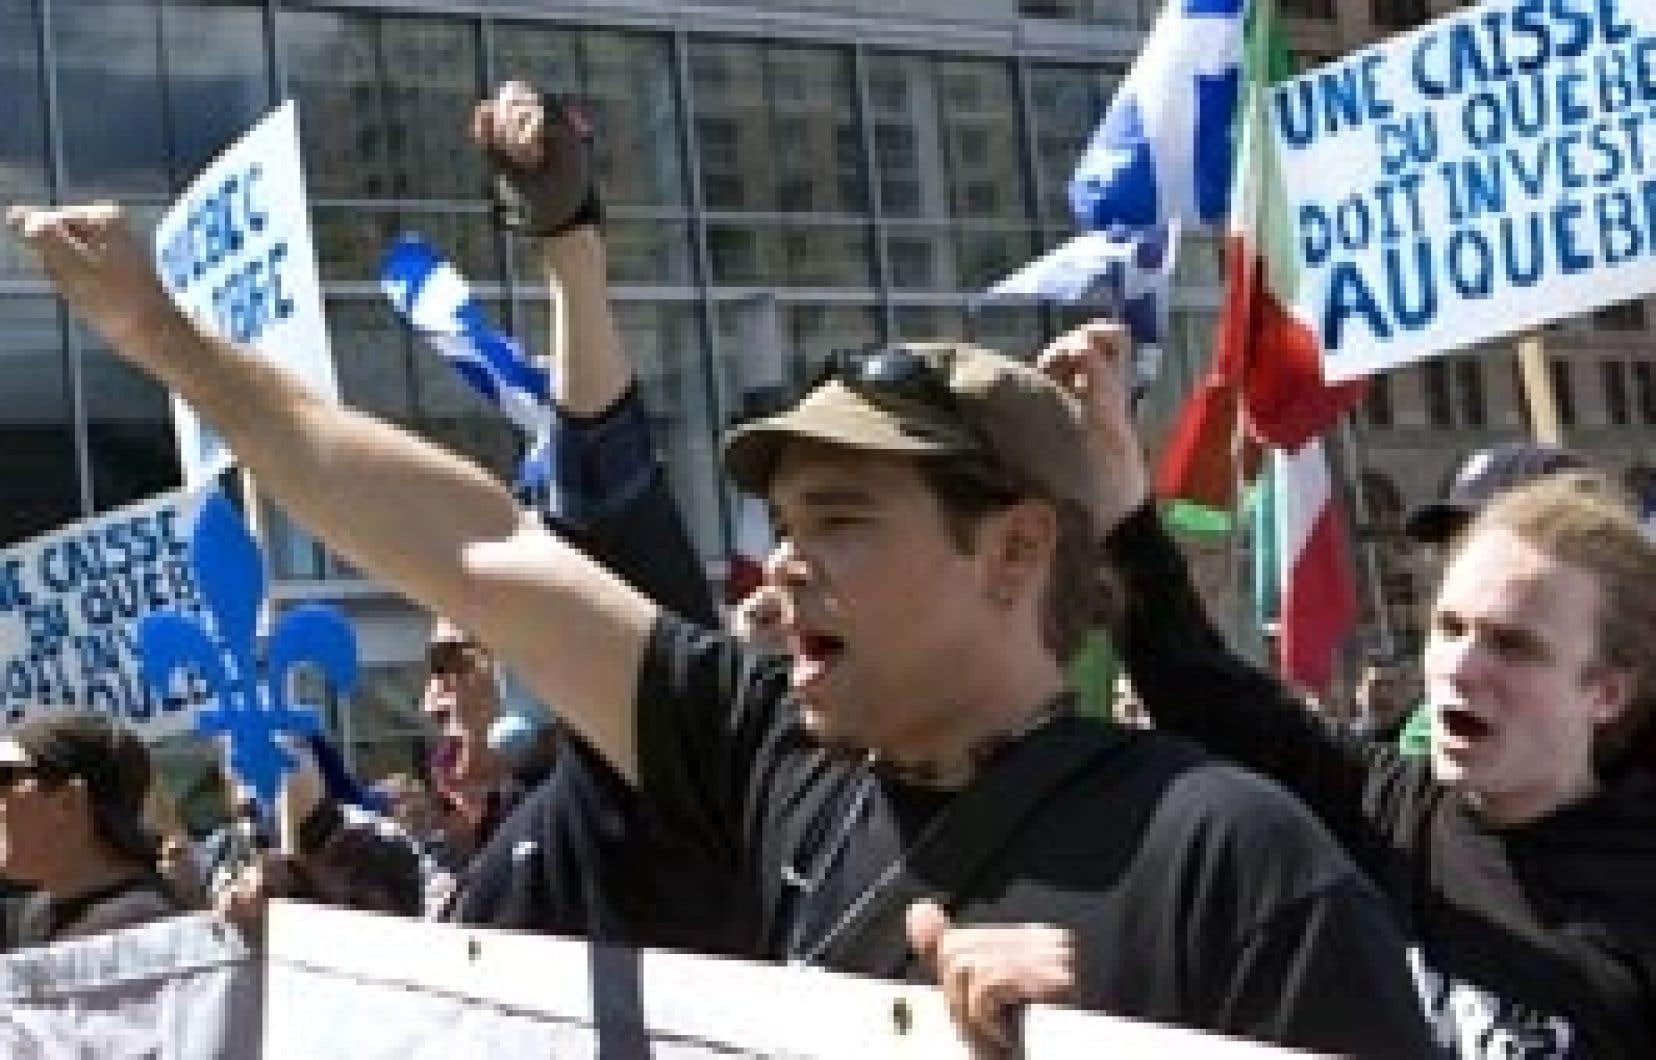 Environ 200 personnes ont répondu hier à l'appel du Réseau de résistance du Québécois en manifestant devant les bureaux montréalais de la Caisse de dépôt et placement du Québec, réclamant notamment que l'institution fasse de l'investisse